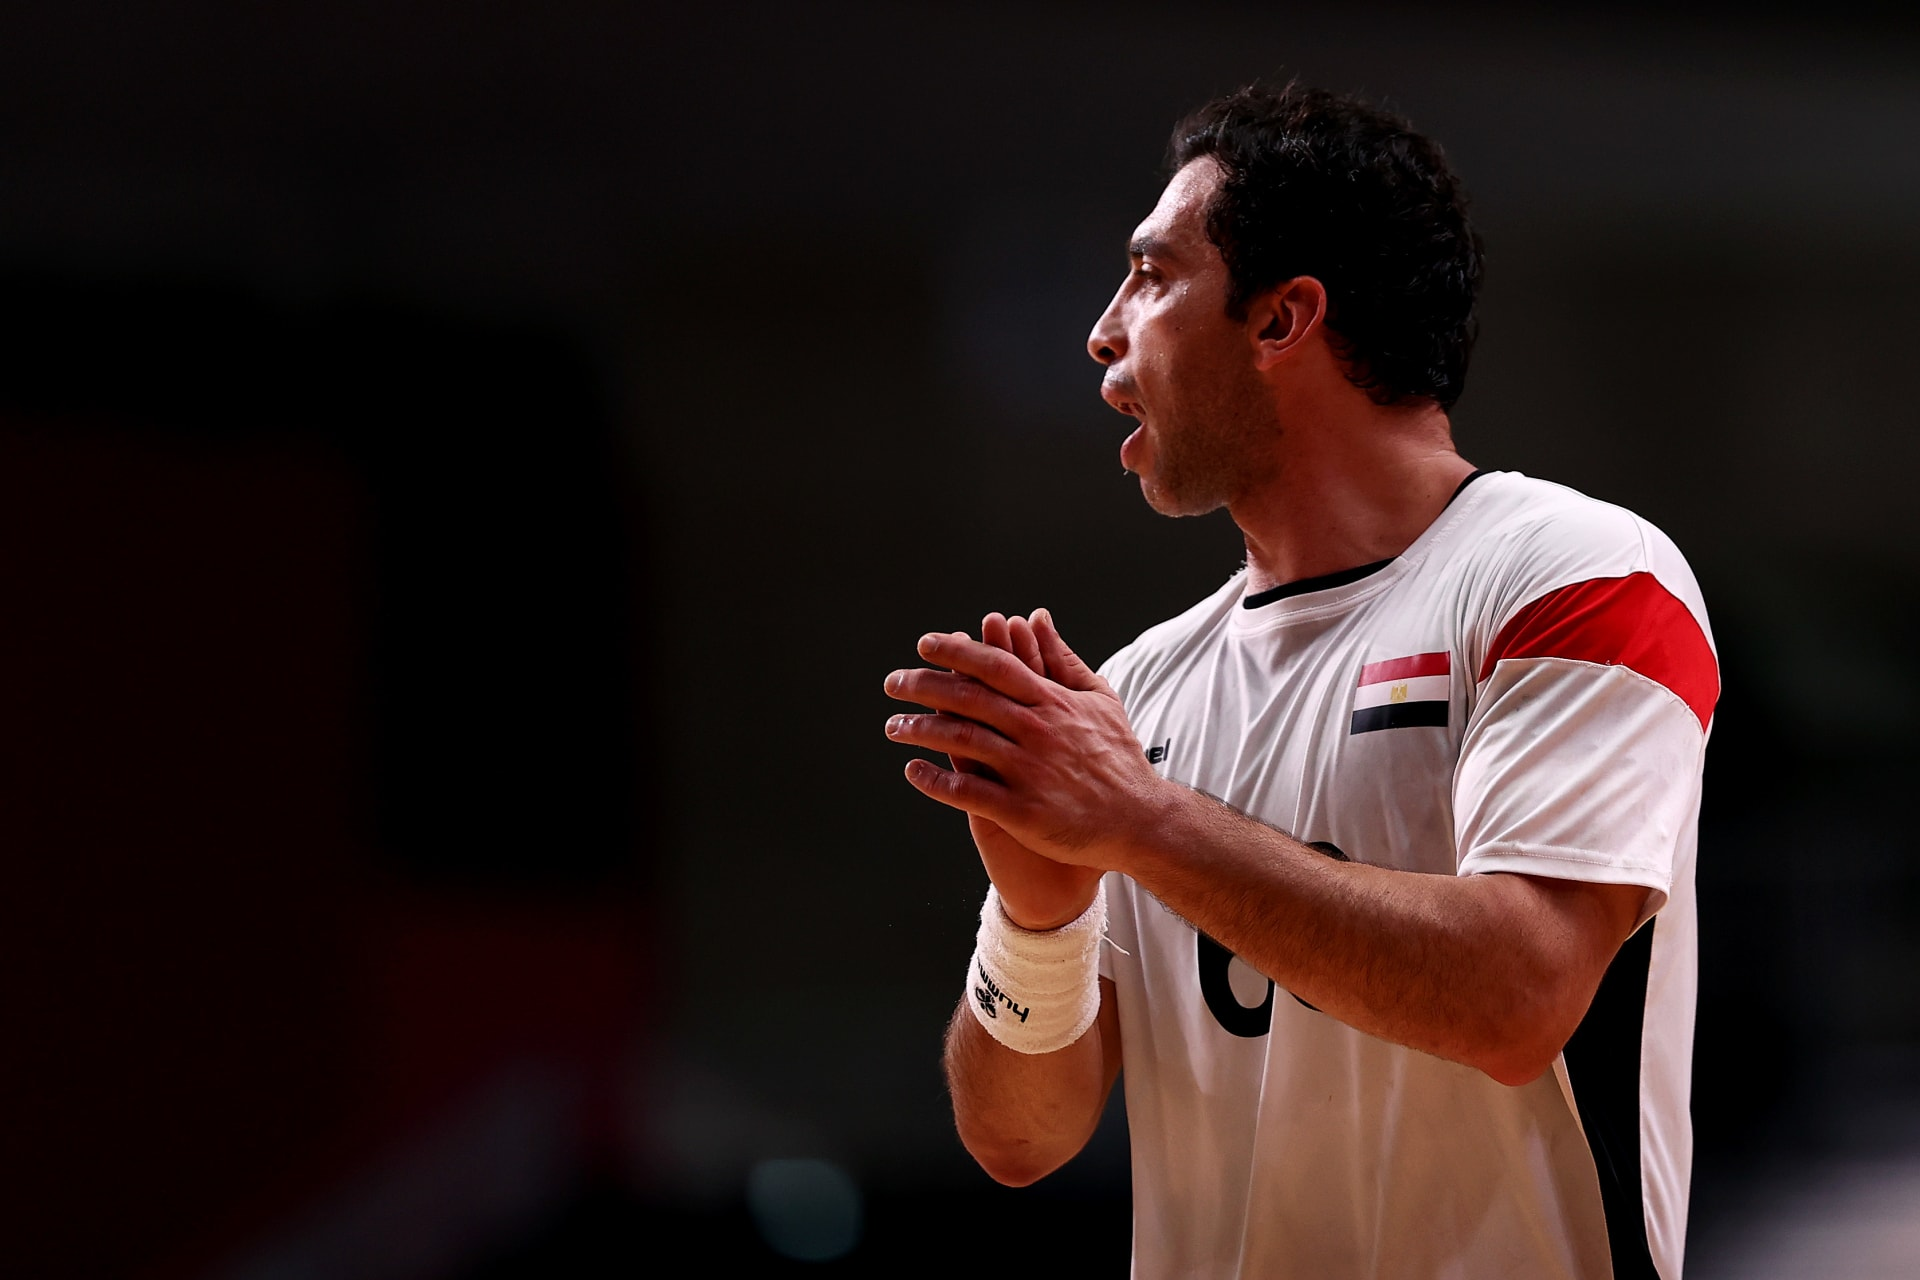 مصر تخسر البروزنية وتربح احترام جمهورها في كرة اليد بأولمبياد طوكيو 2020